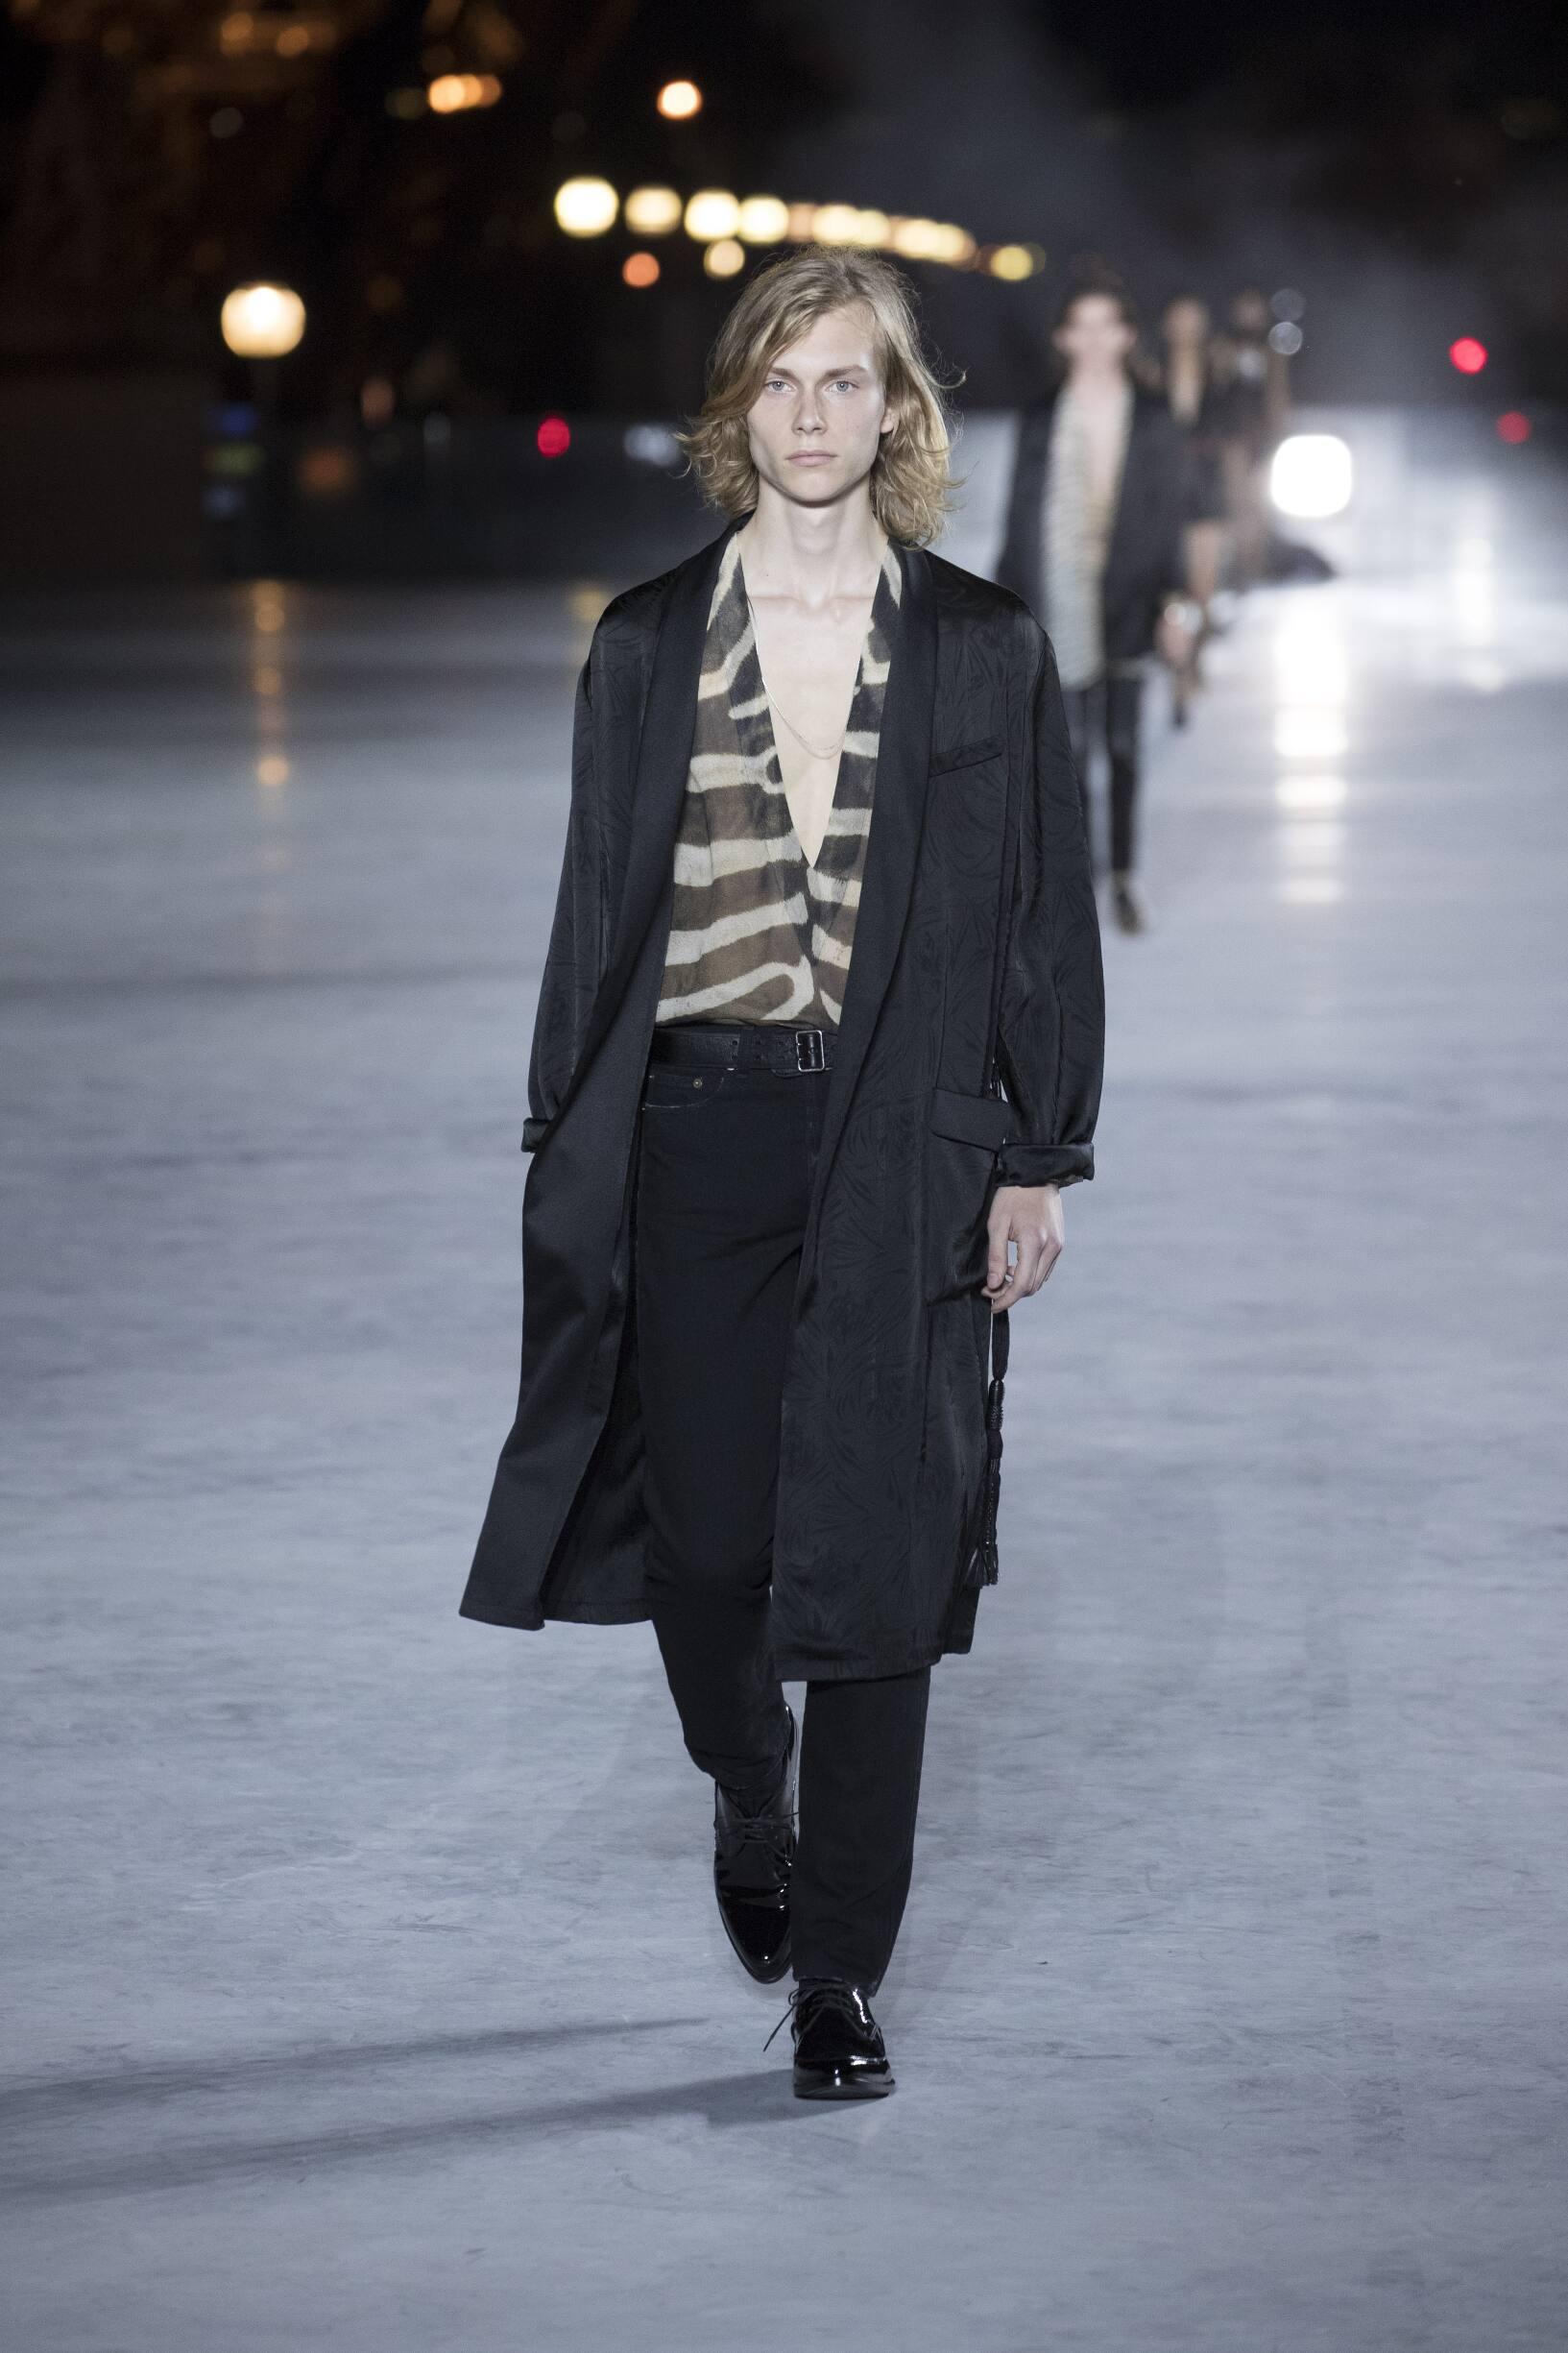 Spring Fashion 2018 Saint Laurent